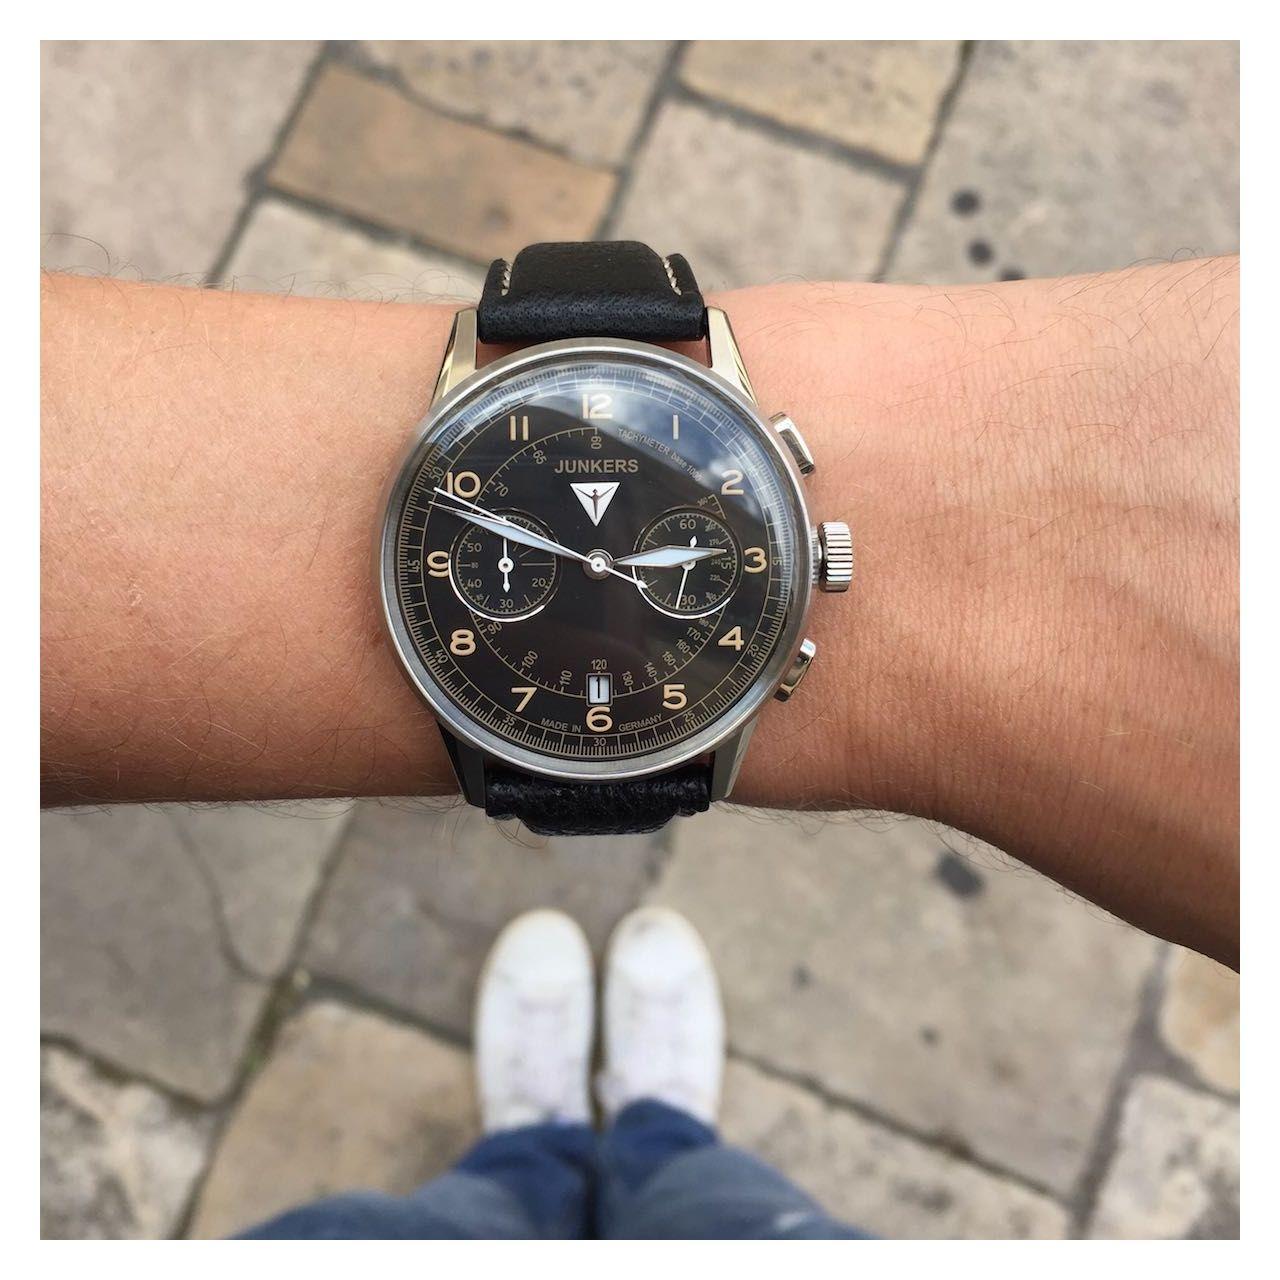 e58e035c792 G. 38 Edition 2 Chrono Acier/Noir - Junkers   Watches   Watches ...